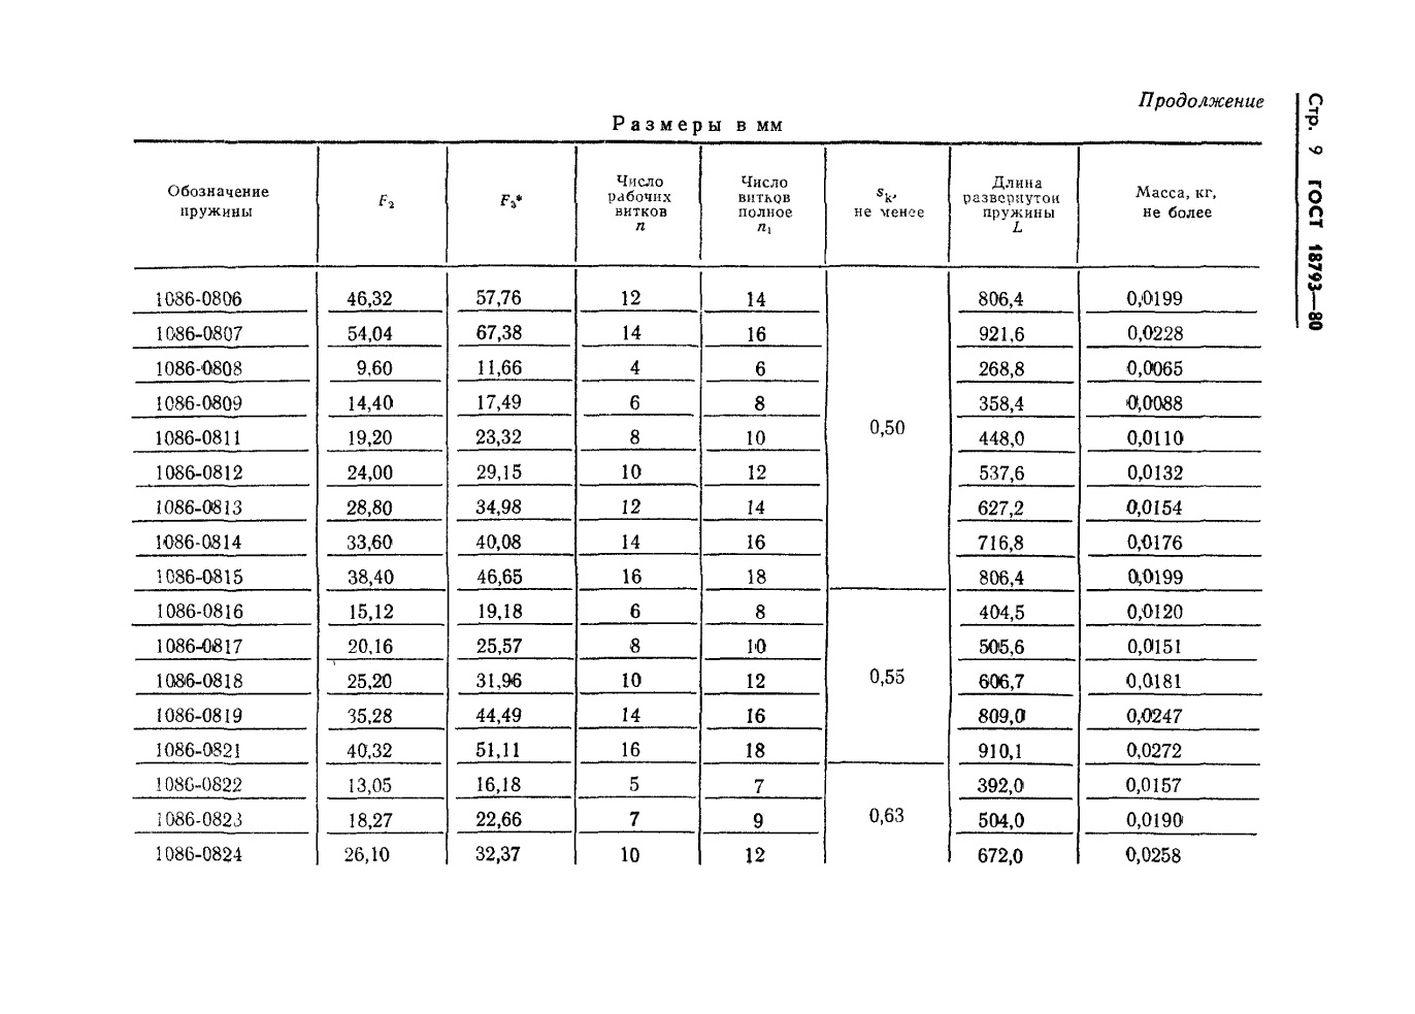 Пружины сжатия ГОСТ 18793-80 стр.9